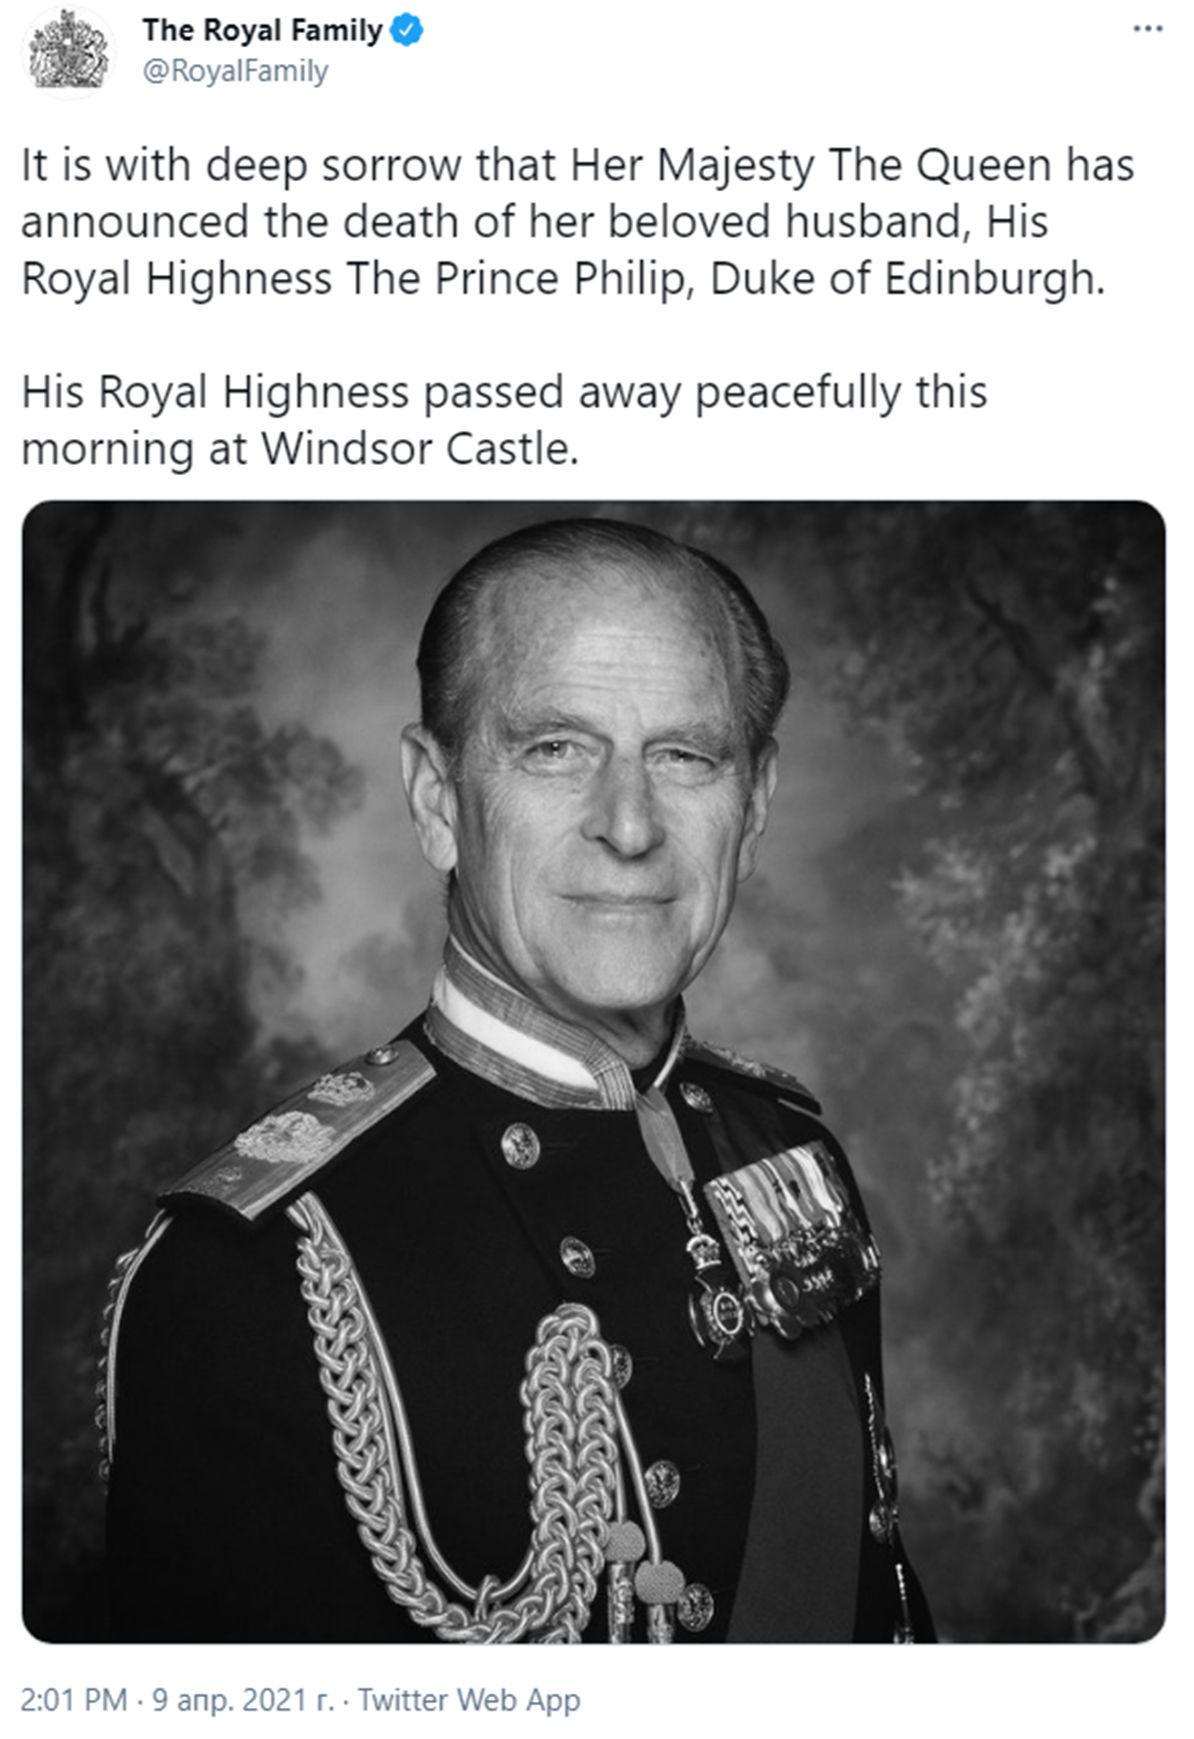 一货币等于多少人民币多少英国伊丽莎白二世丈夫菲利普亲王去世